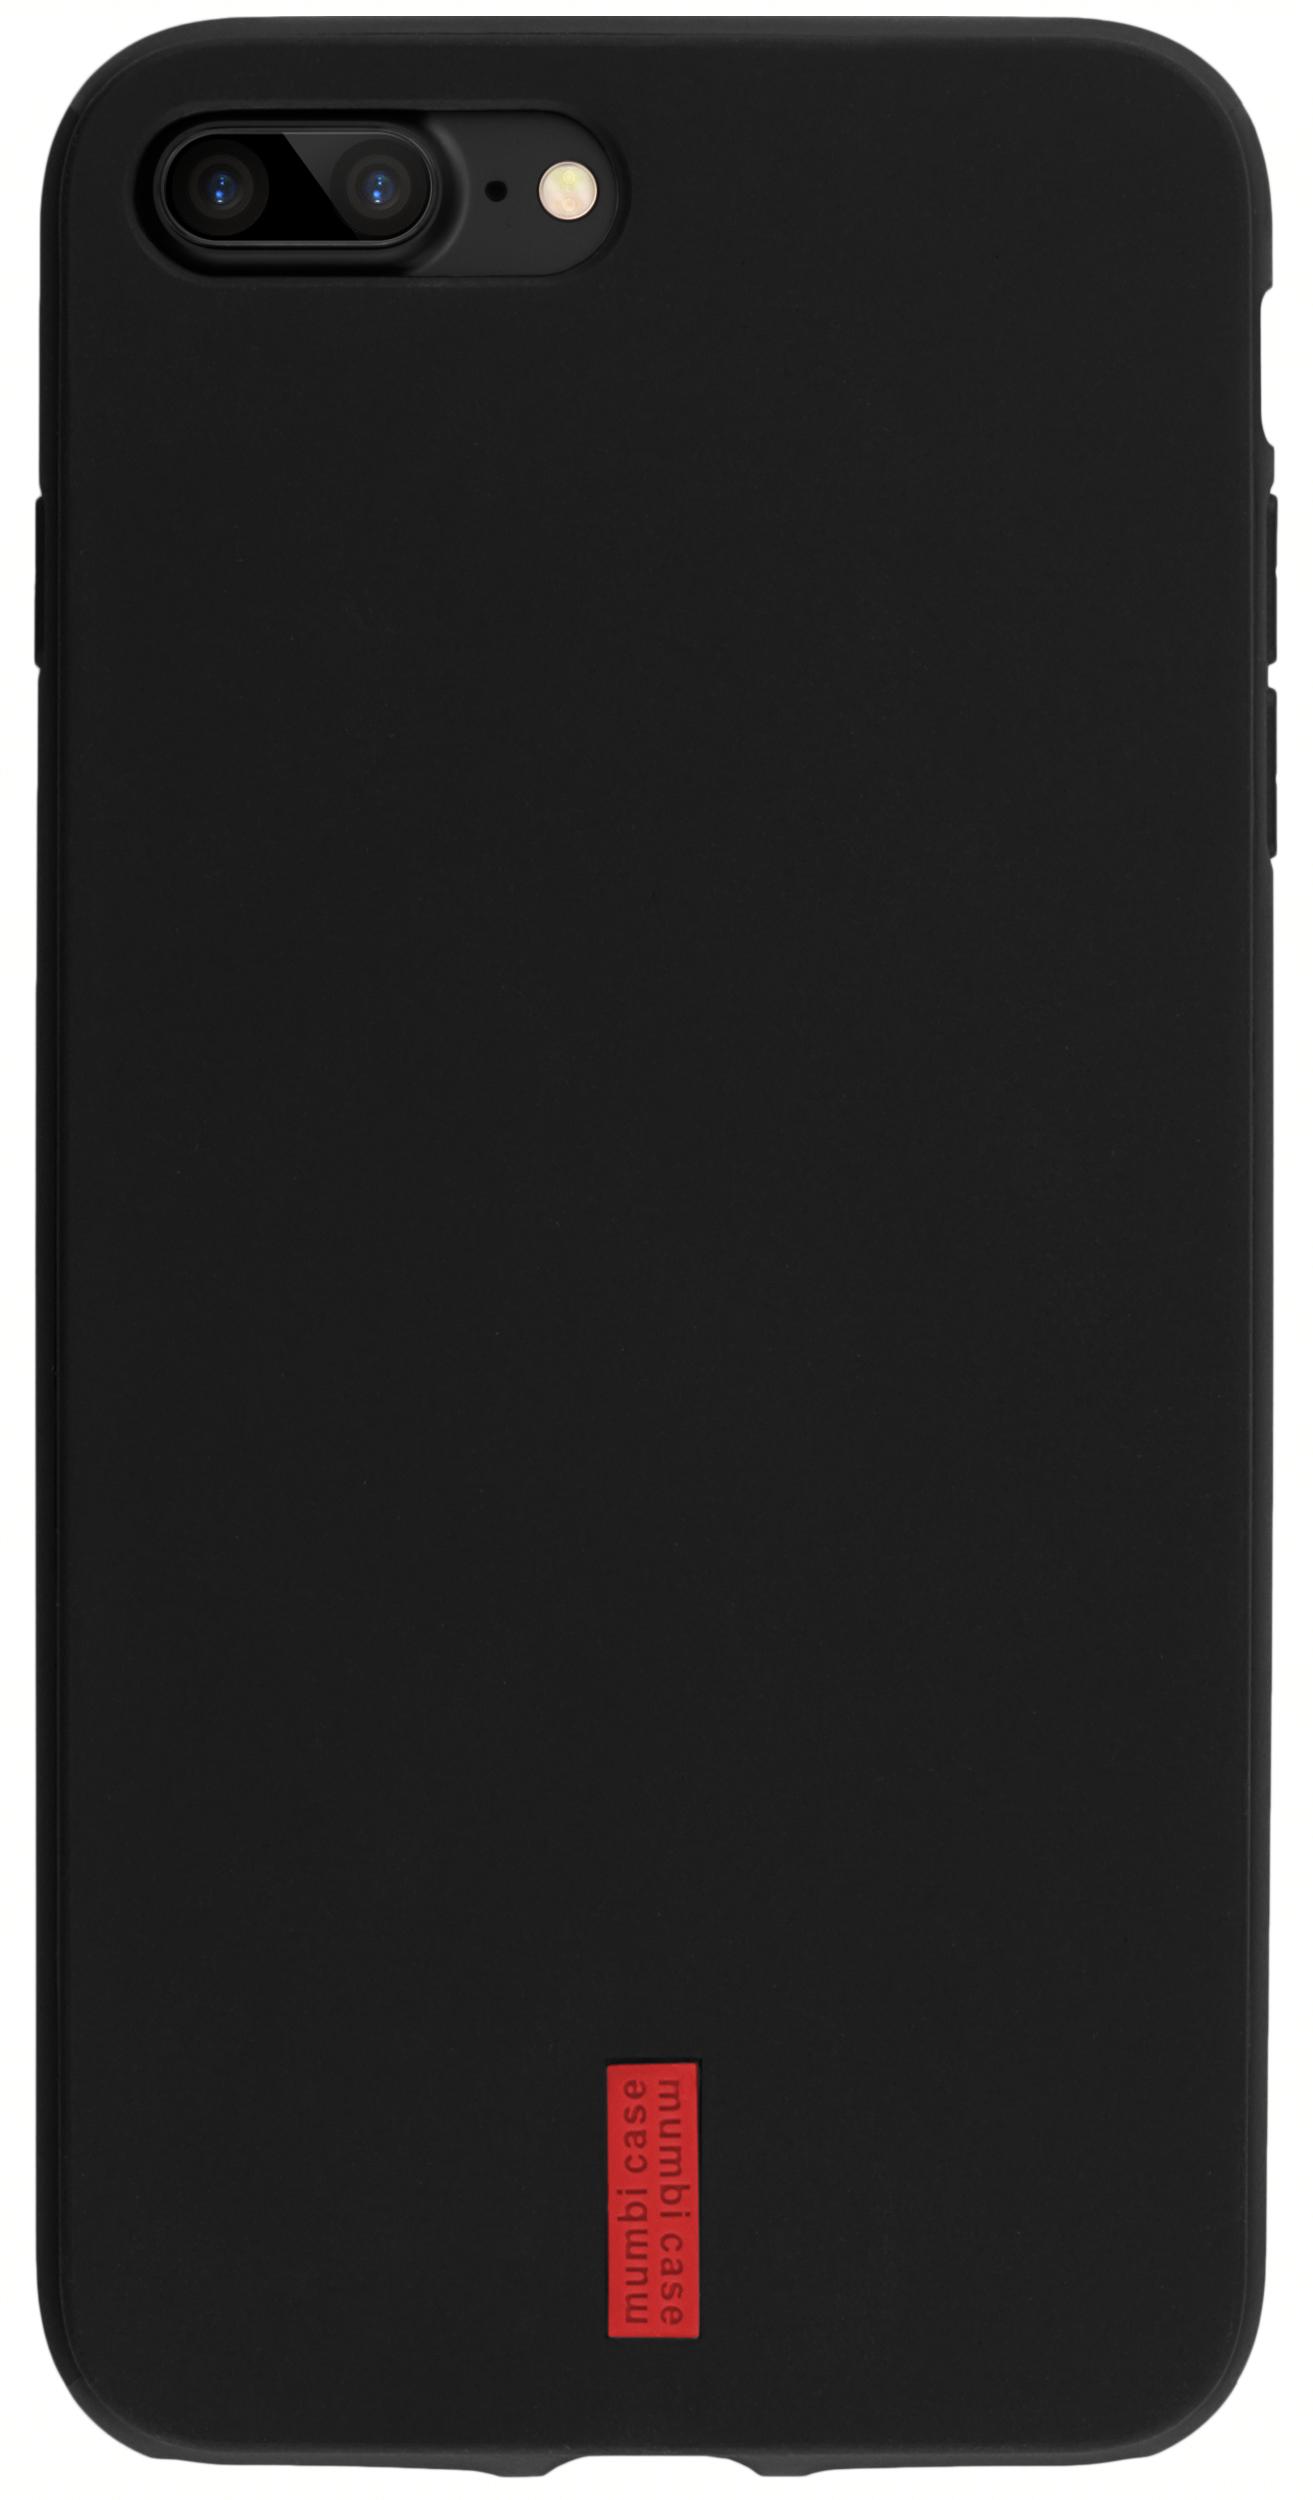 Sonstige Handys & Kommunikation Fast Deliver Mumbi Schutzhülle Für Apple Iphone 6 6s Plus Hülle Case Cover Grip Tasche Schutz